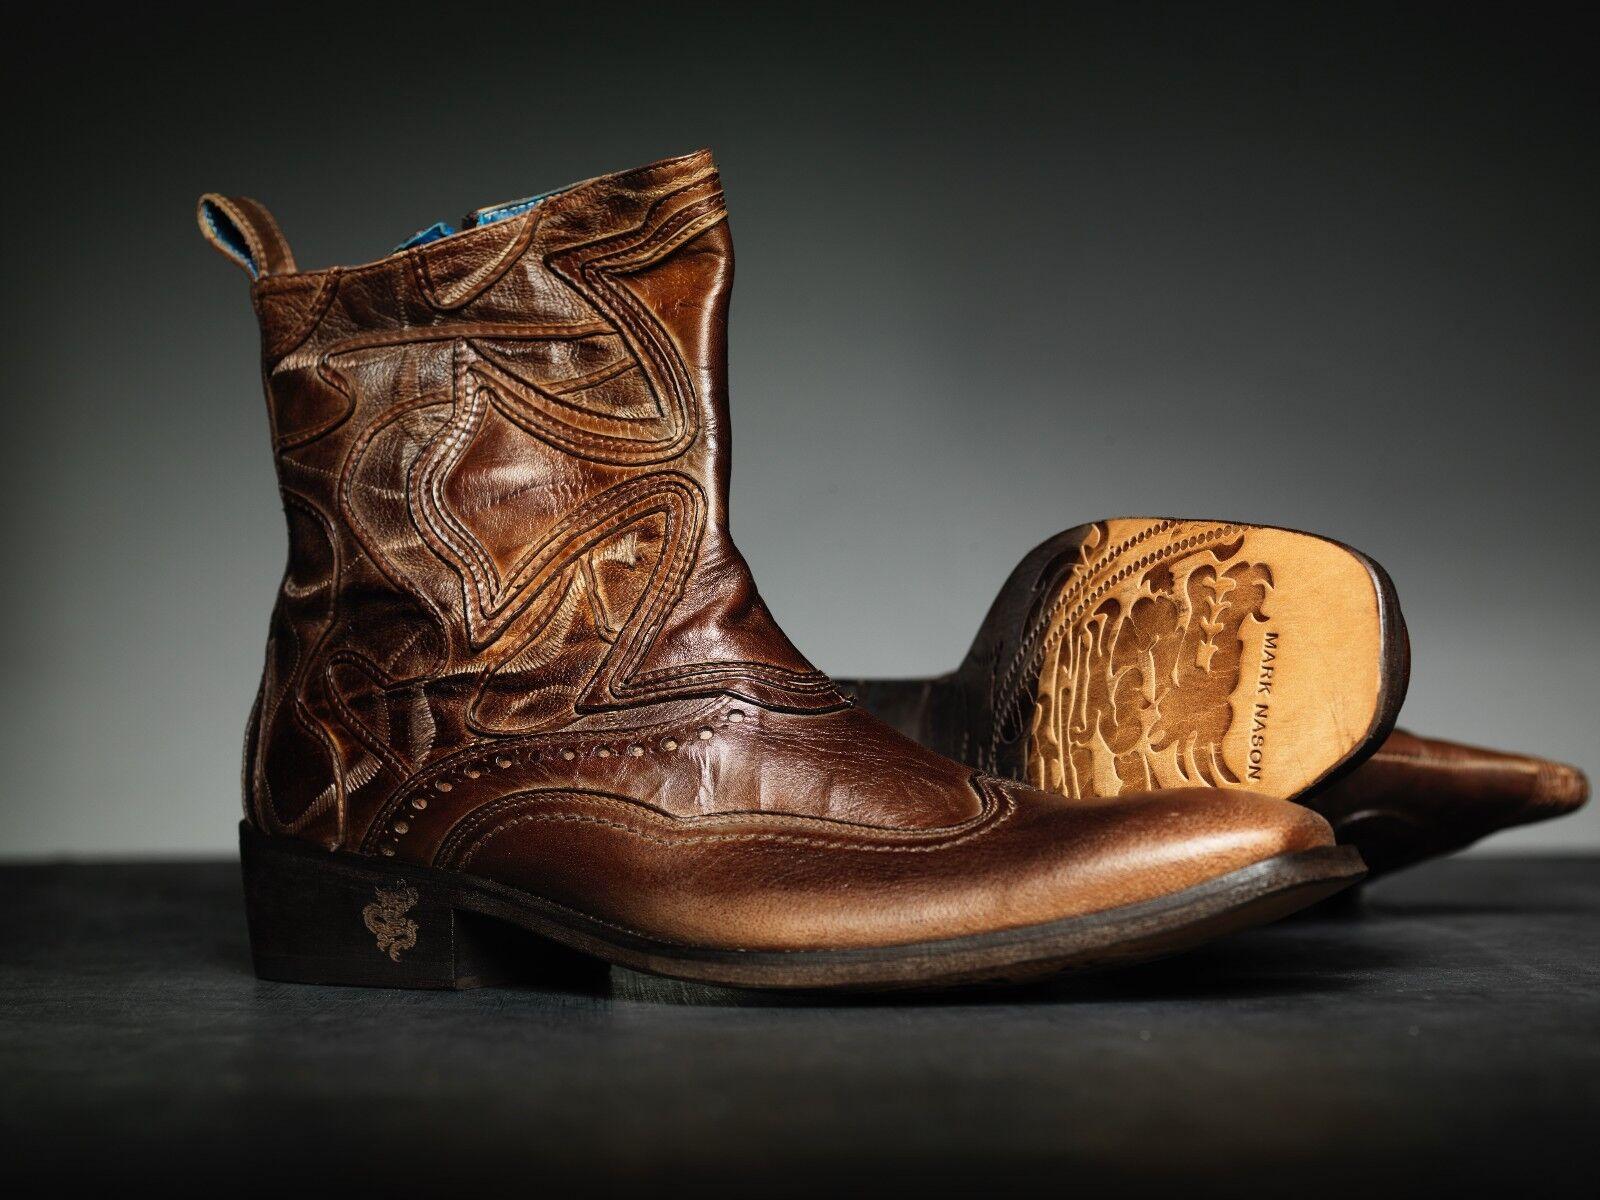 nuevo  Mark Nason amberoom Dragón Rock botas US 9 envejecido marrón ()